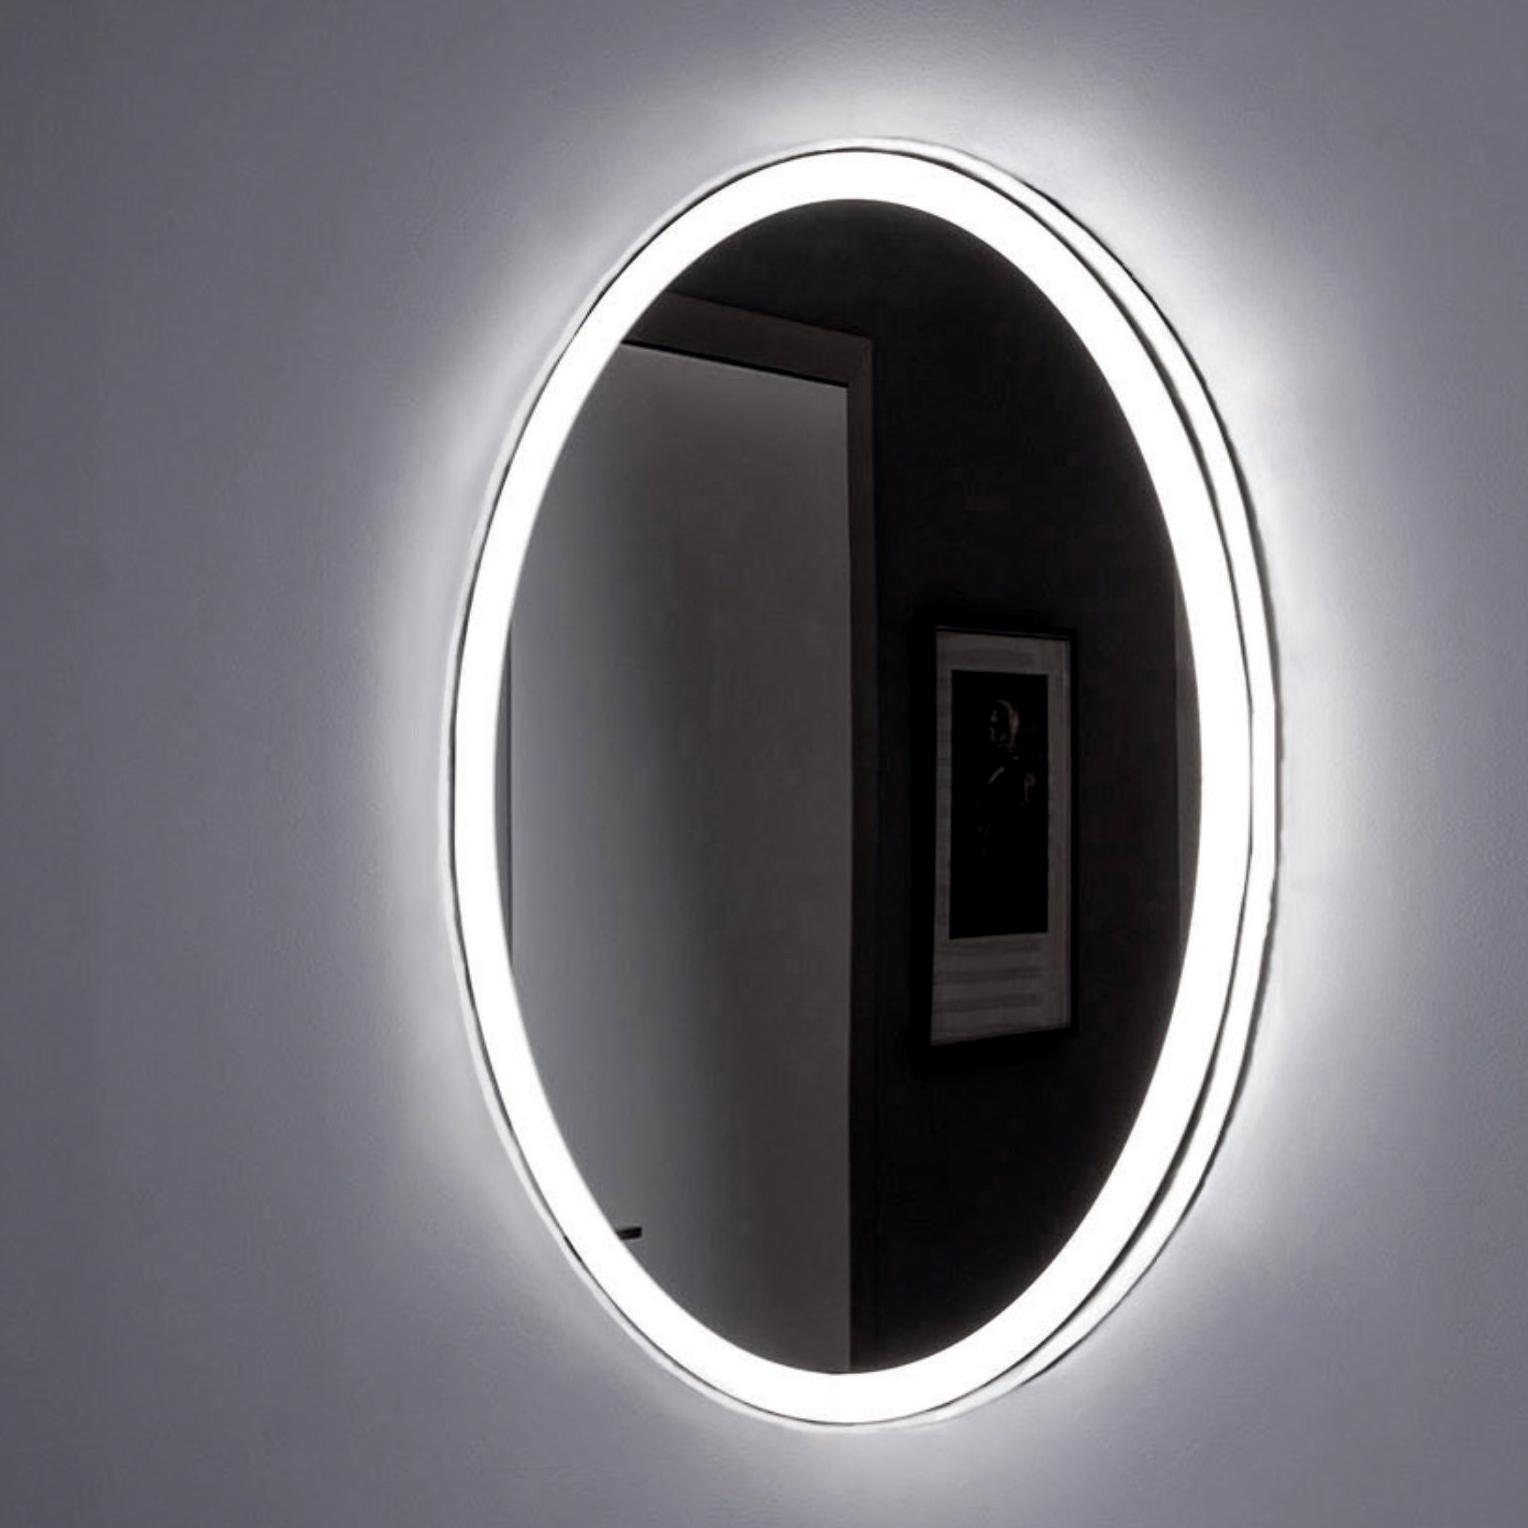 Зеркало Aquanet Комо 6085 с LED подсветкой